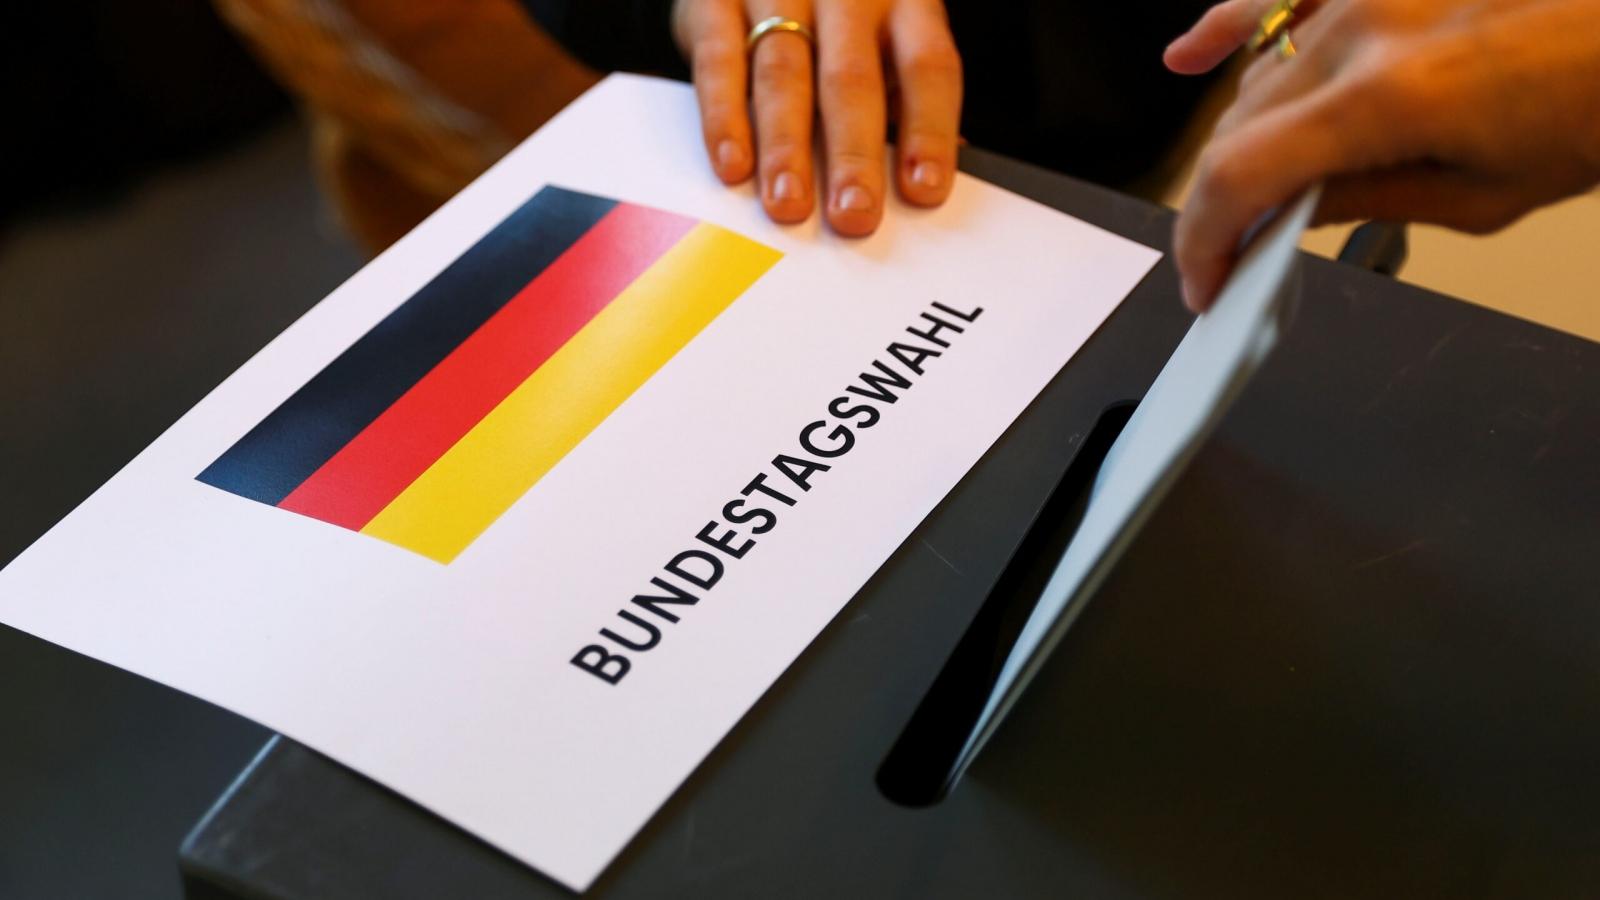 Cử tri Đức bắt đầu bỏ phiếu, 40% vẫn đang lưỡng lự